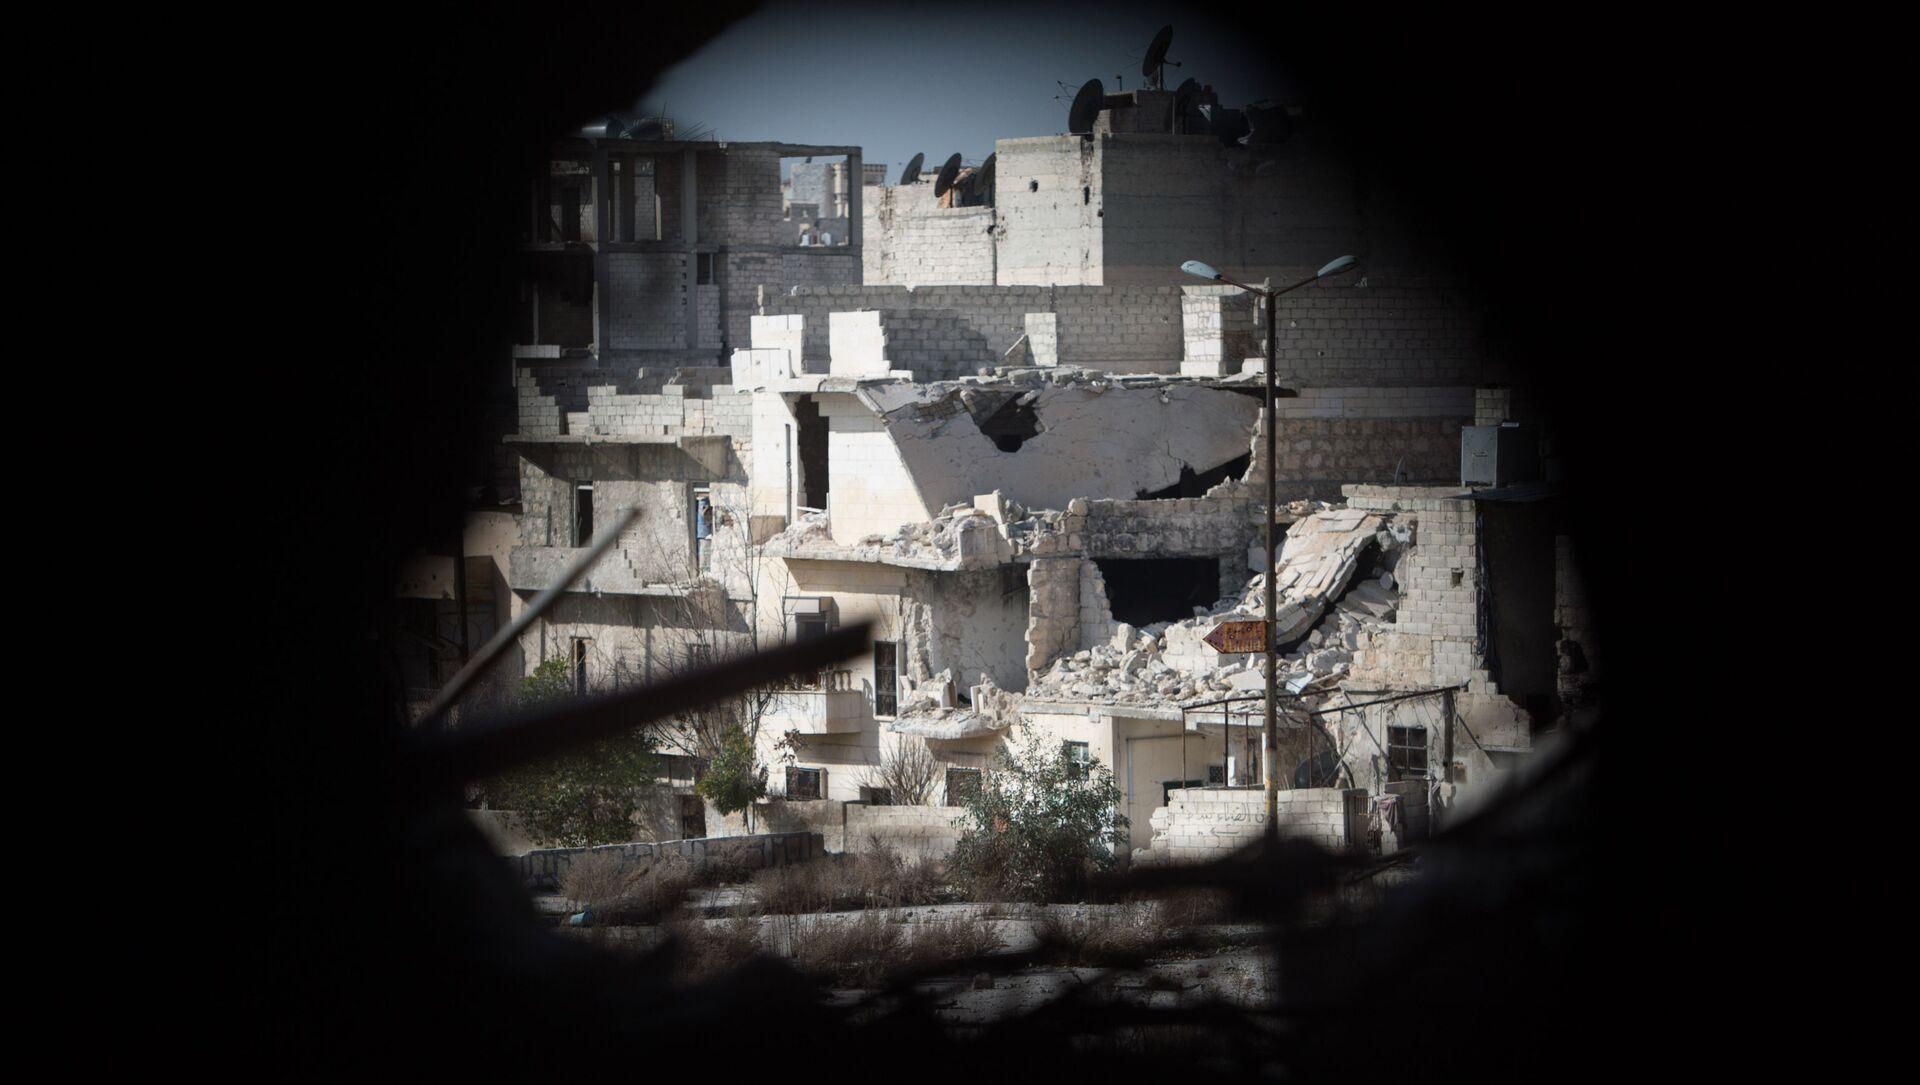 Widok na dzielnicę mieszkalną w Aleppo, przez którą przebiega linia frontu - Sputnik Polska, 1920, 15.03.2021